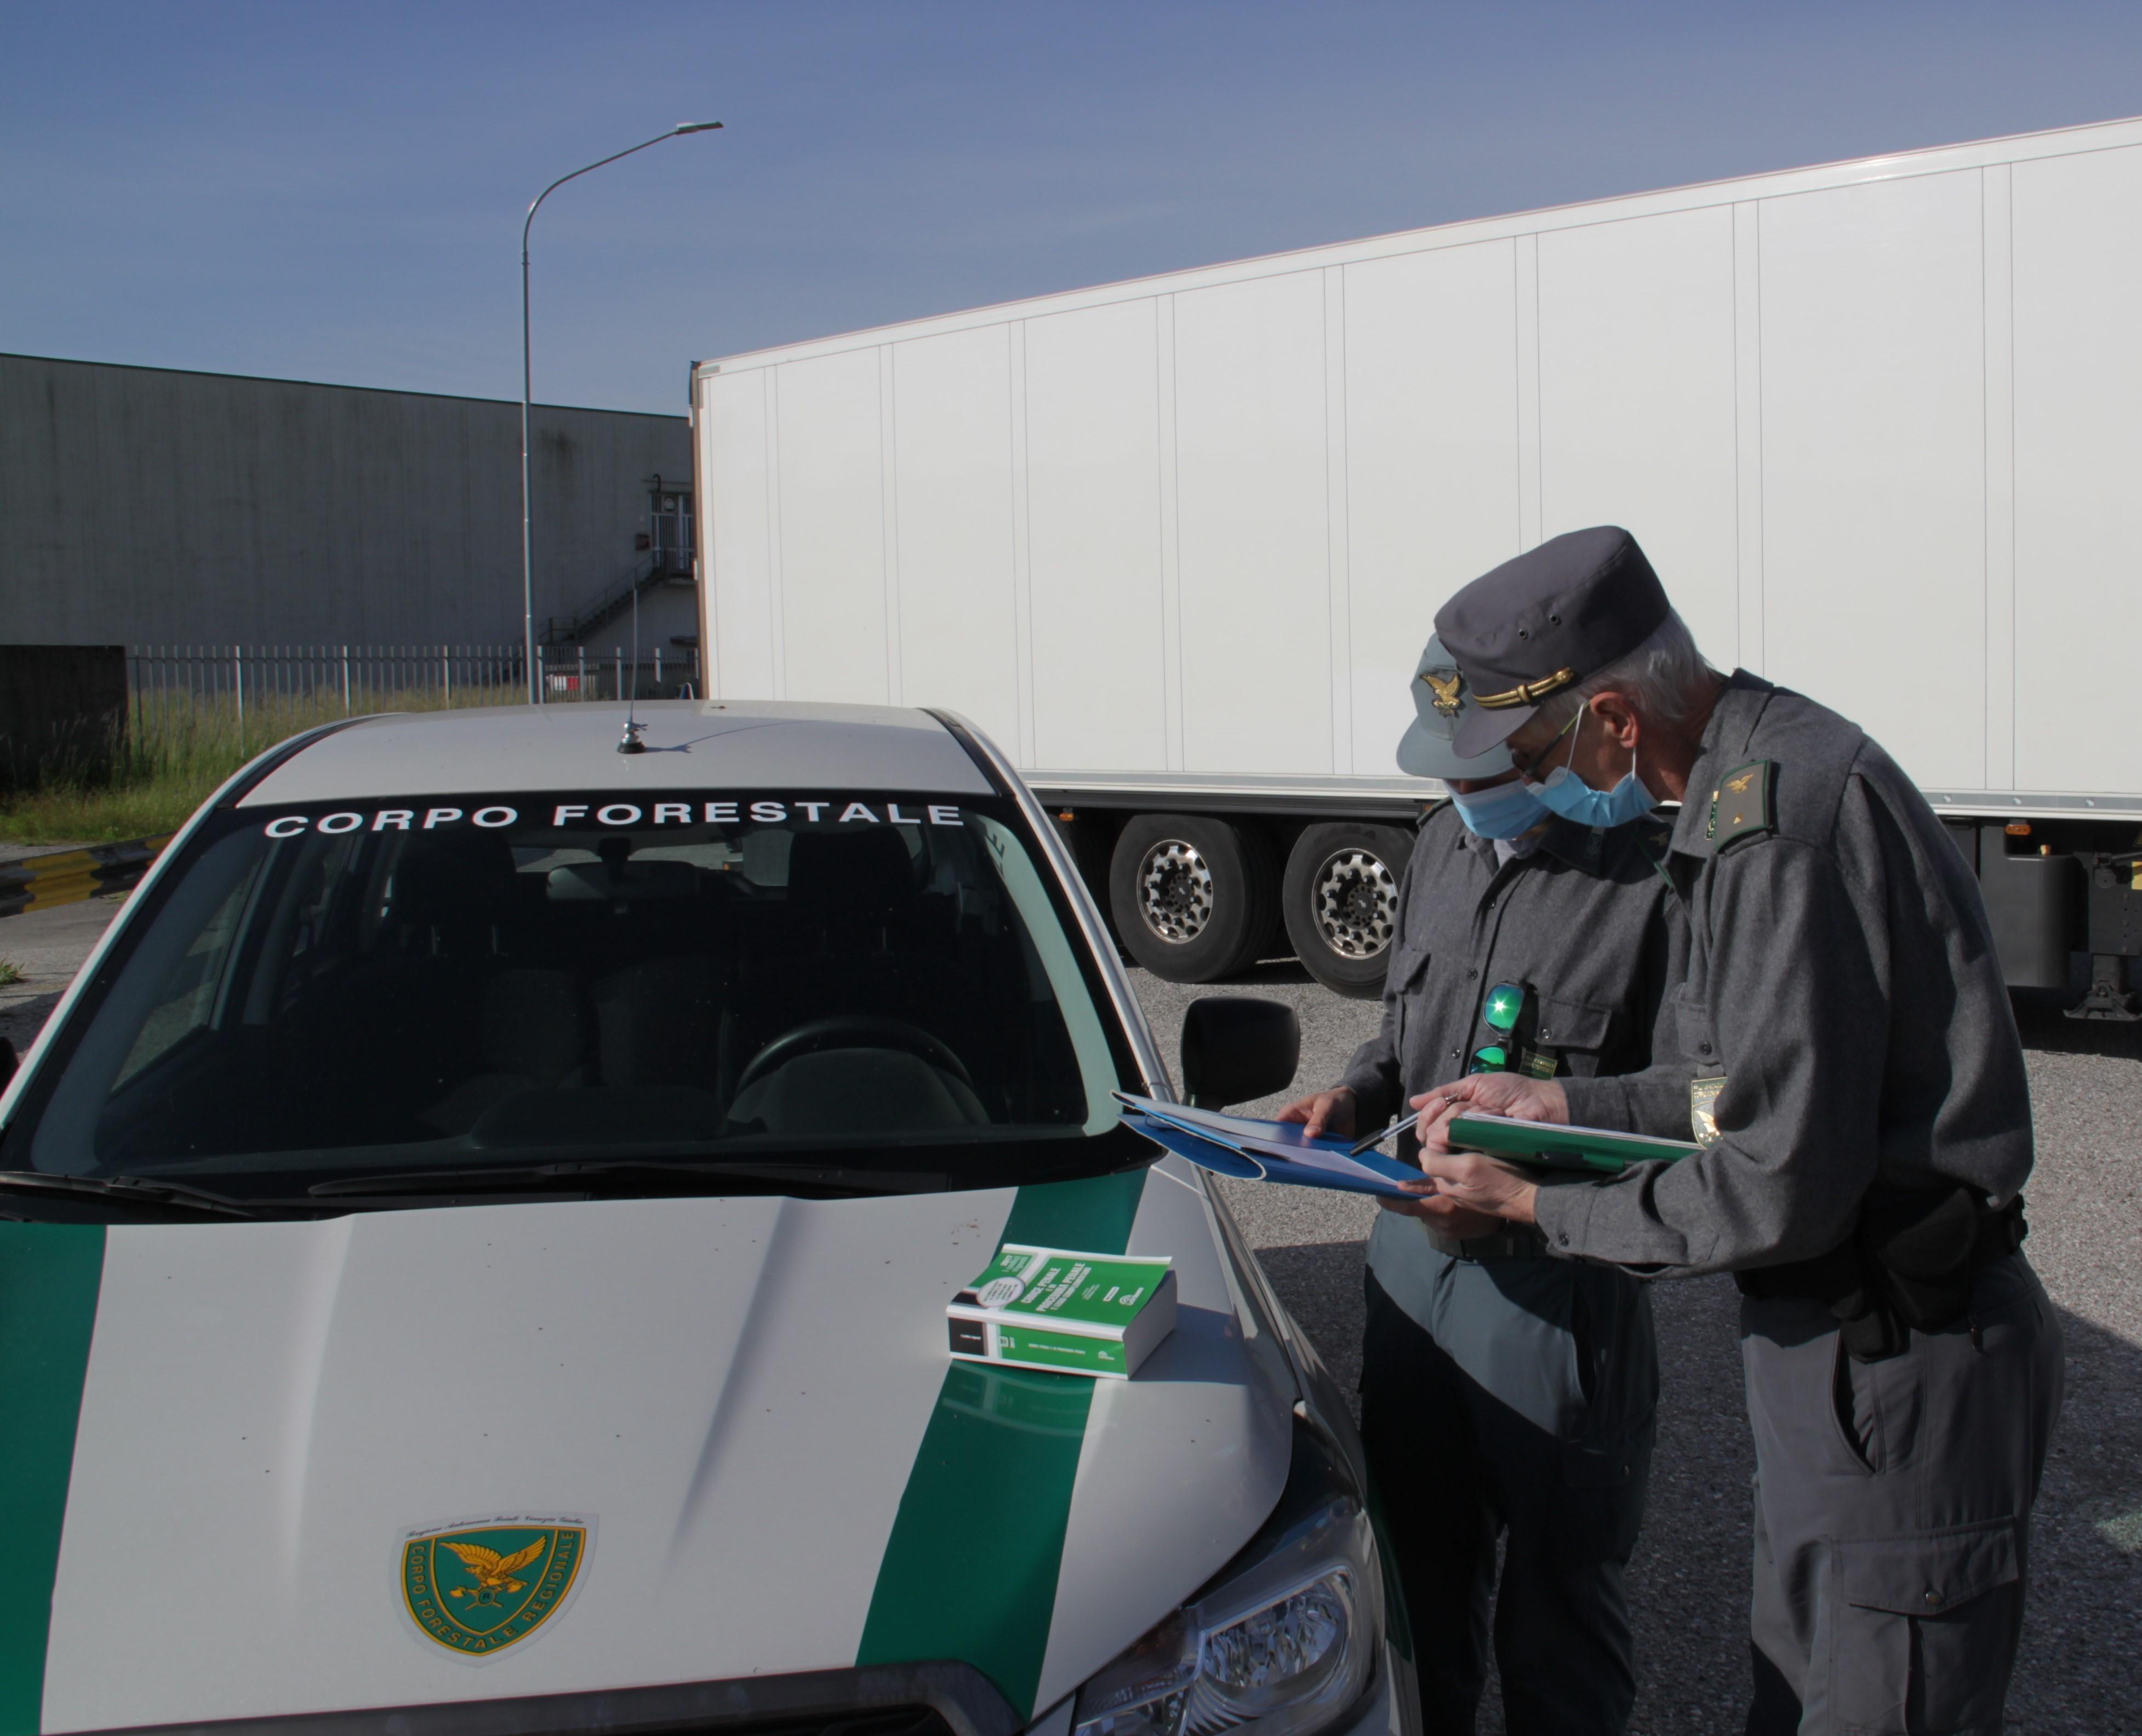 Immagine per Rifiuti senza autorizzazioni tra Cervignano e Bassa friulana, nei guai tre imprenditori